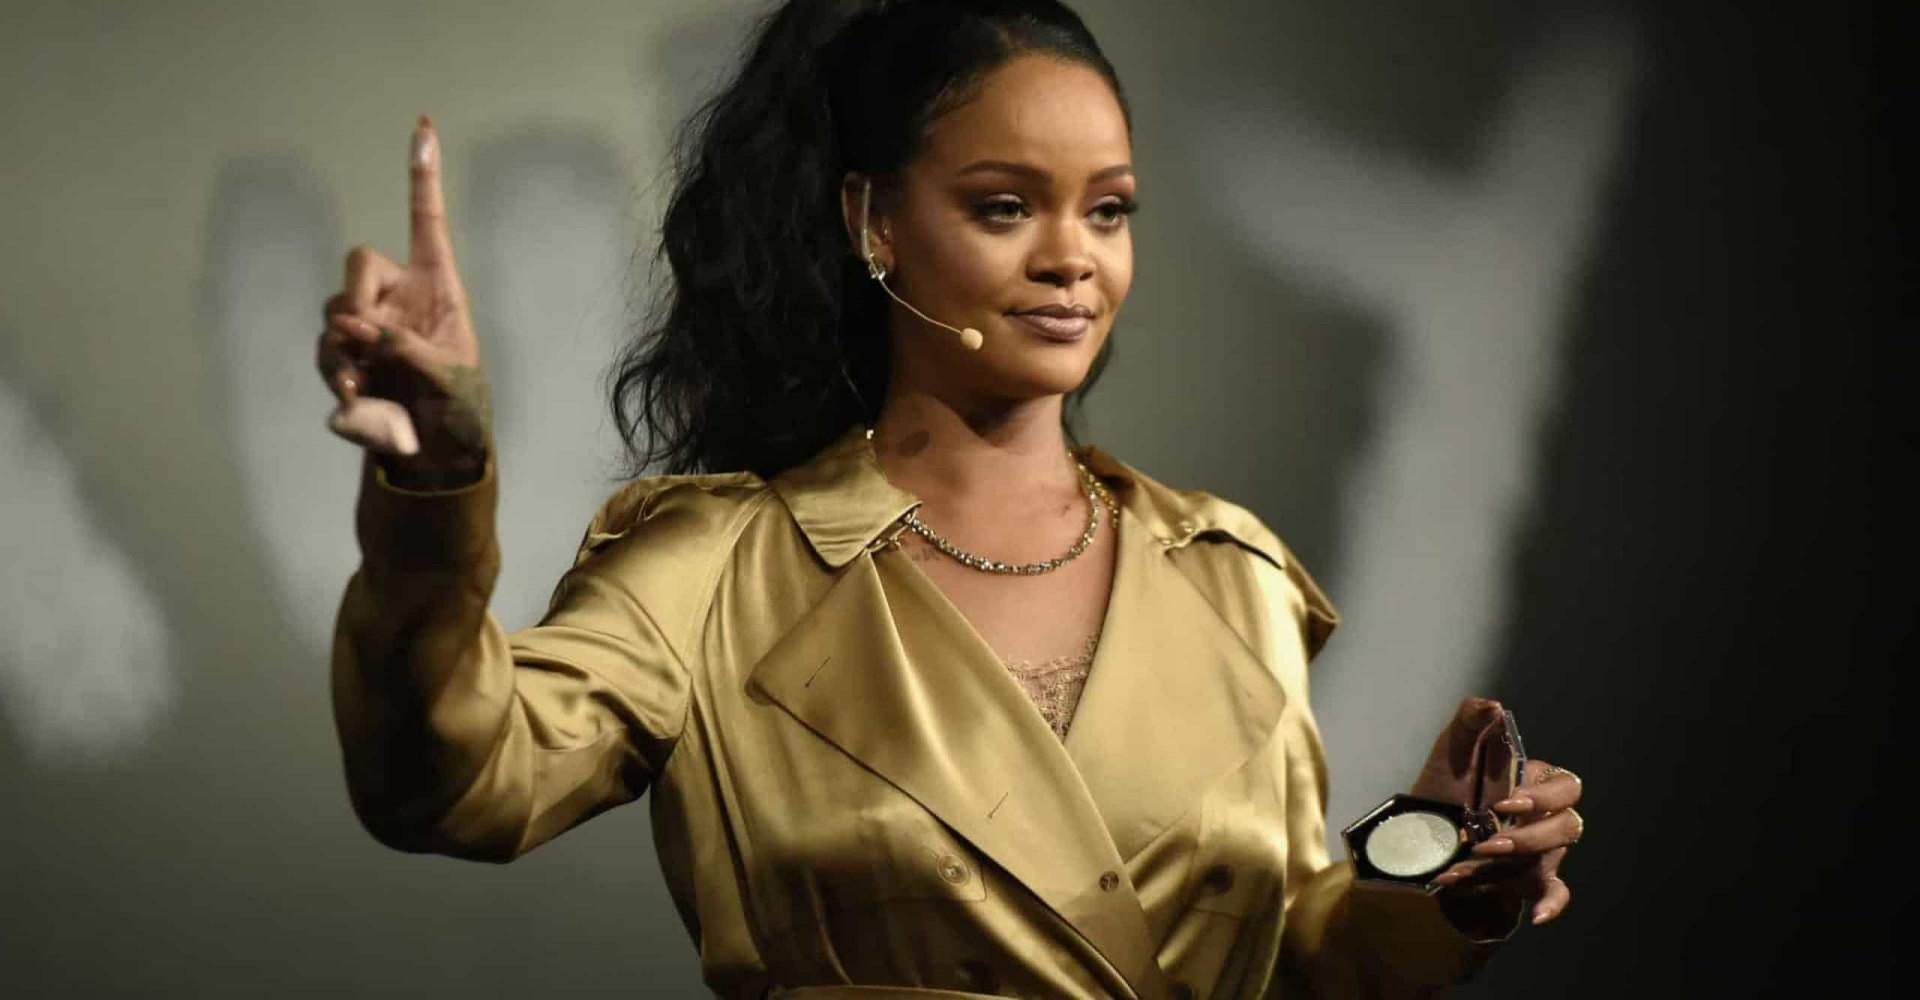 Rihanna critica Trump após atentados; famosos se posicionam sobre armas